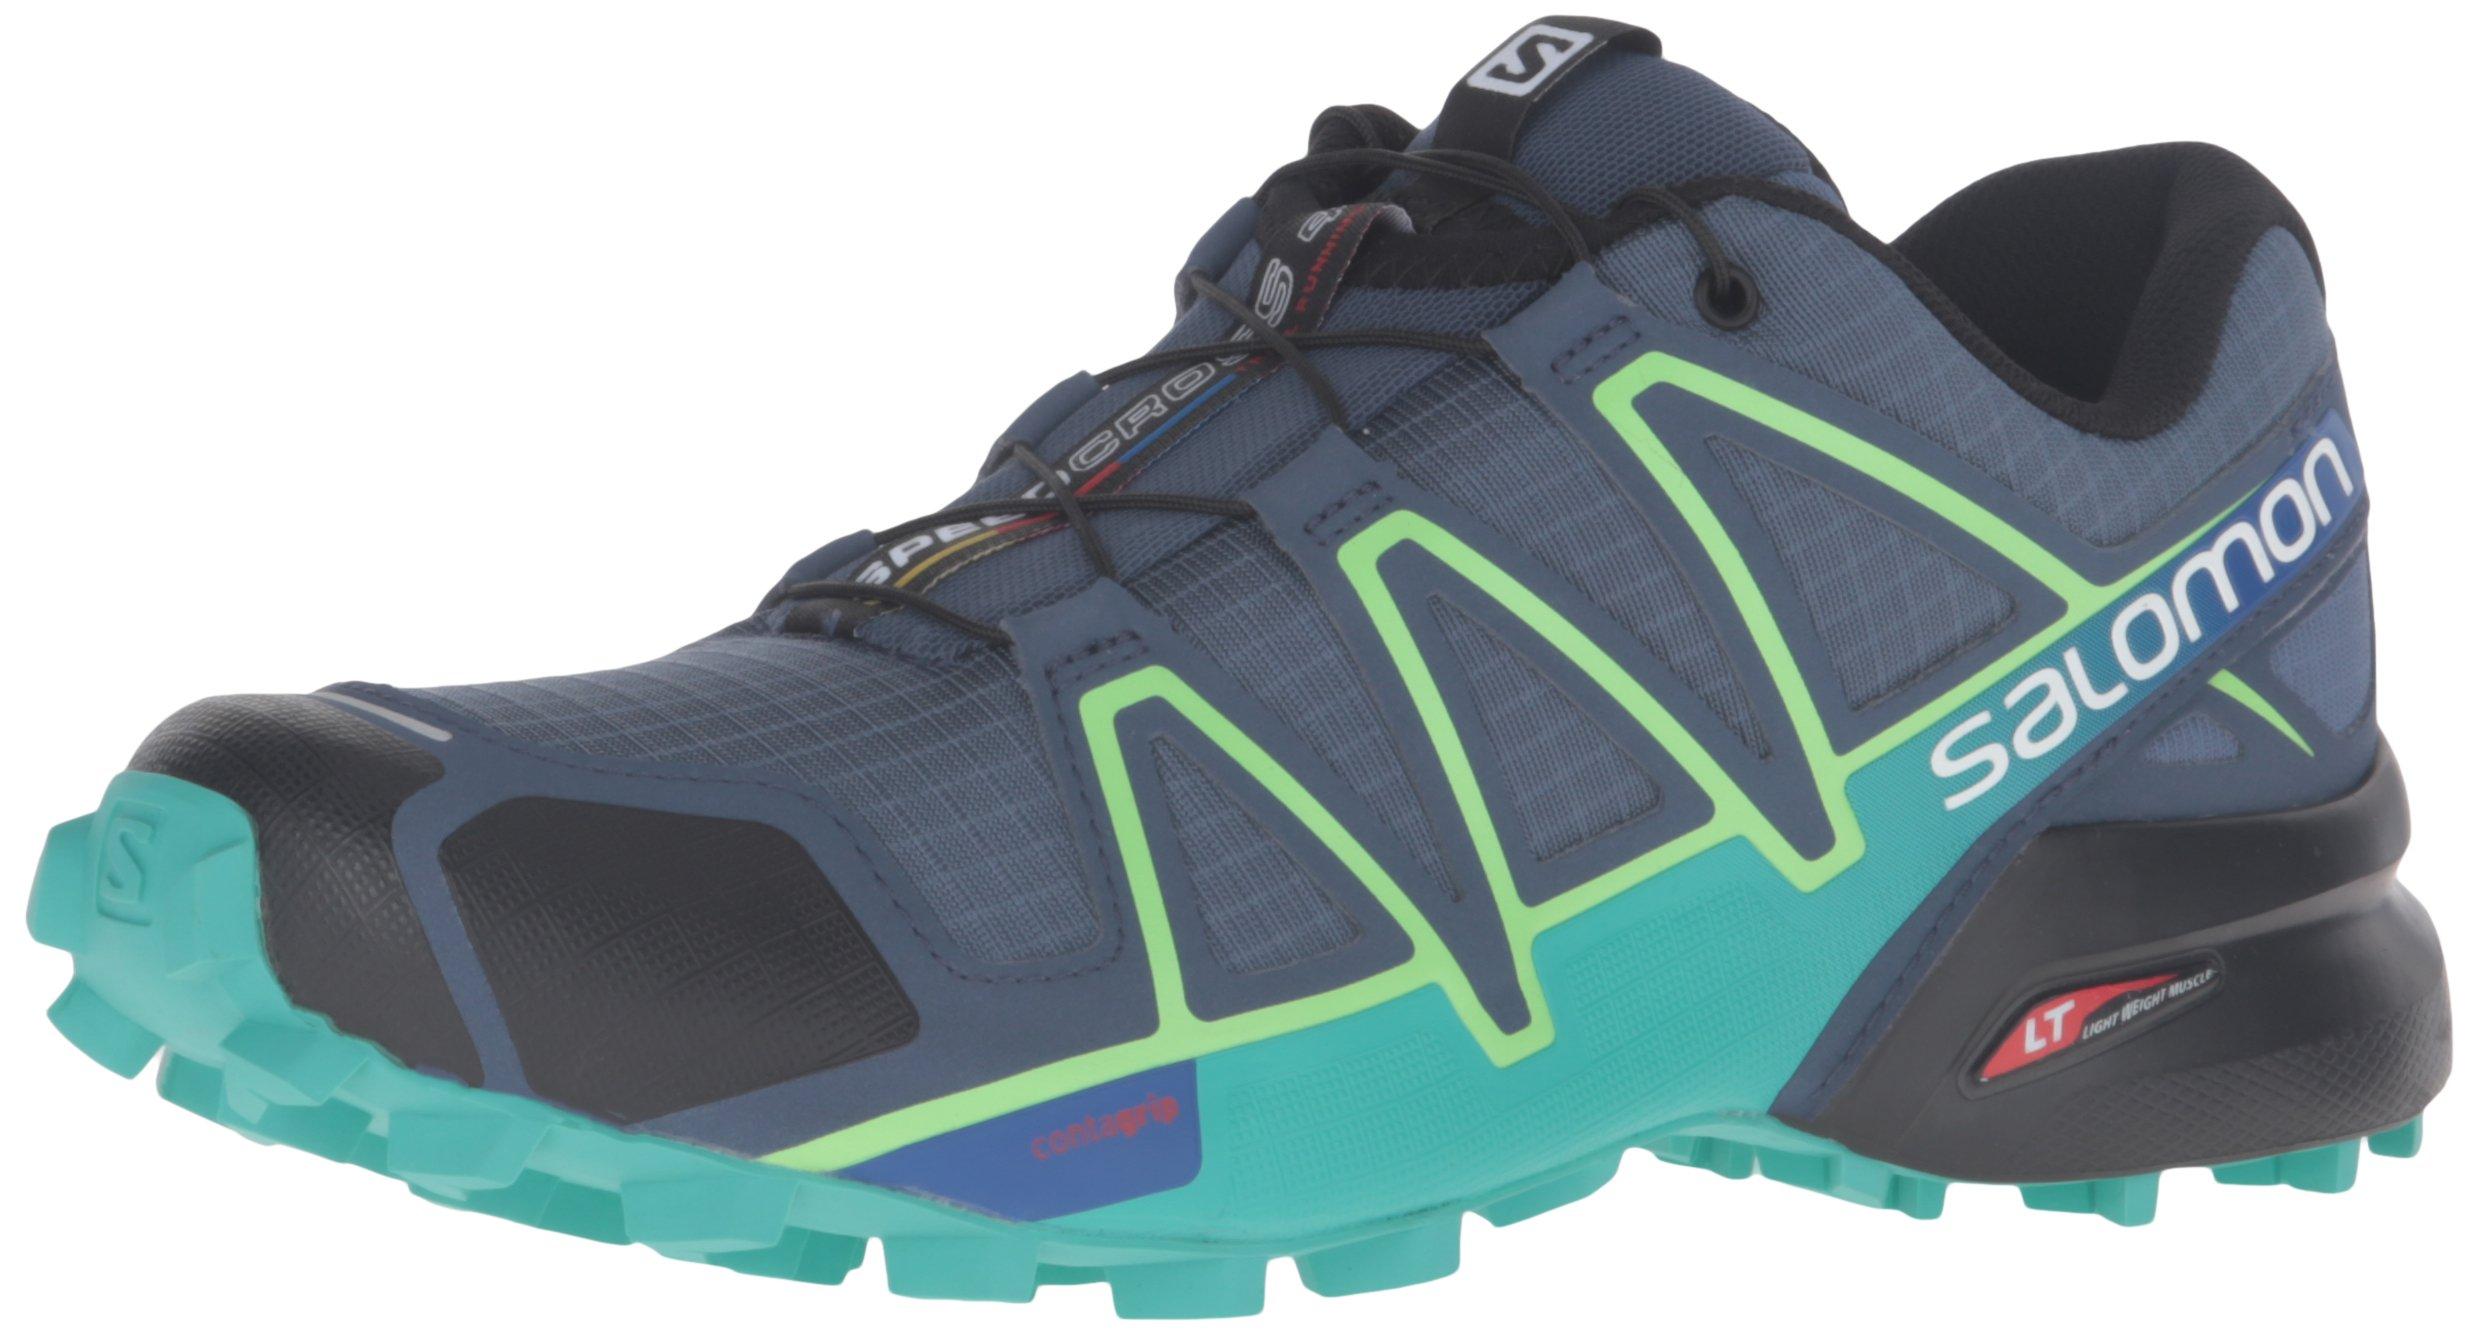 Salomon Women's Speedcross 4 W Trail Runner, Slate Blue/Spa Blue/Fresh Green, 11 B(M) US by Salomon